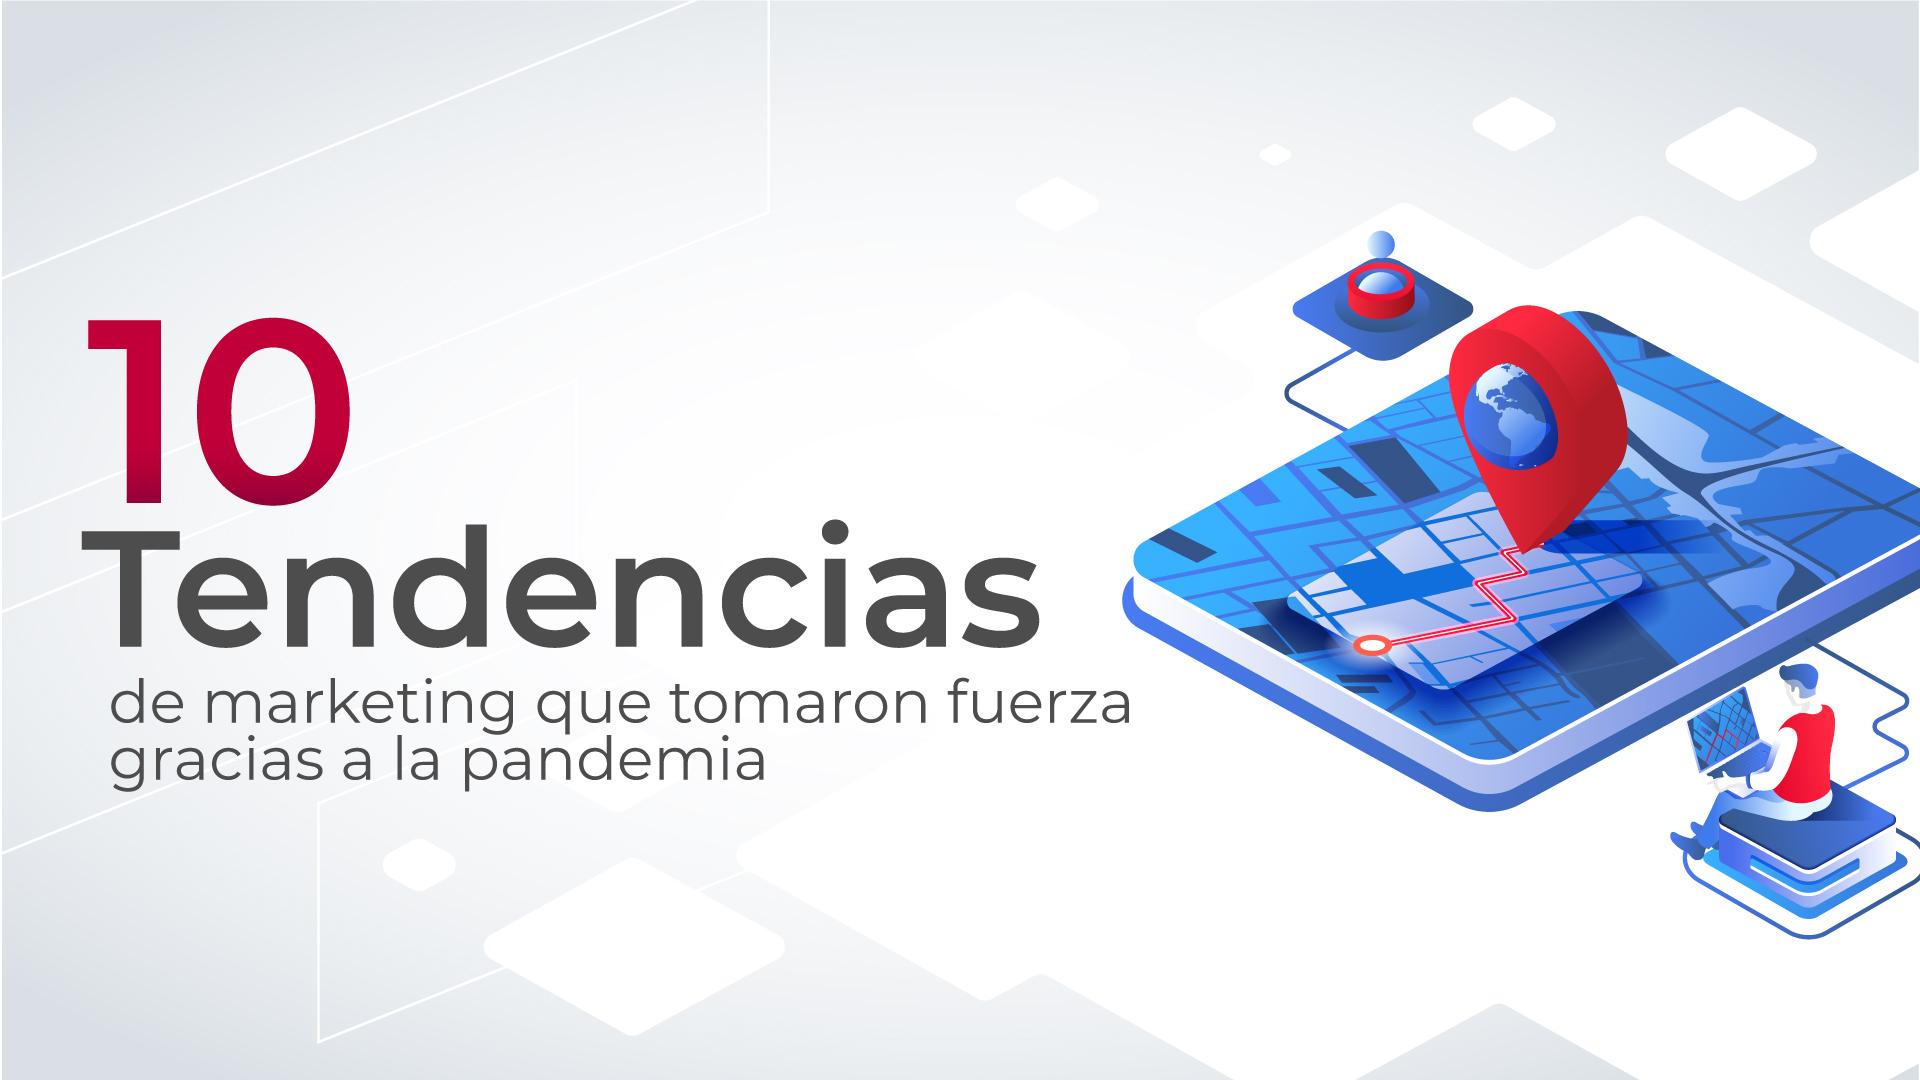 10 tendencias de marketing que tomaron fuerza gracias a la pandemia